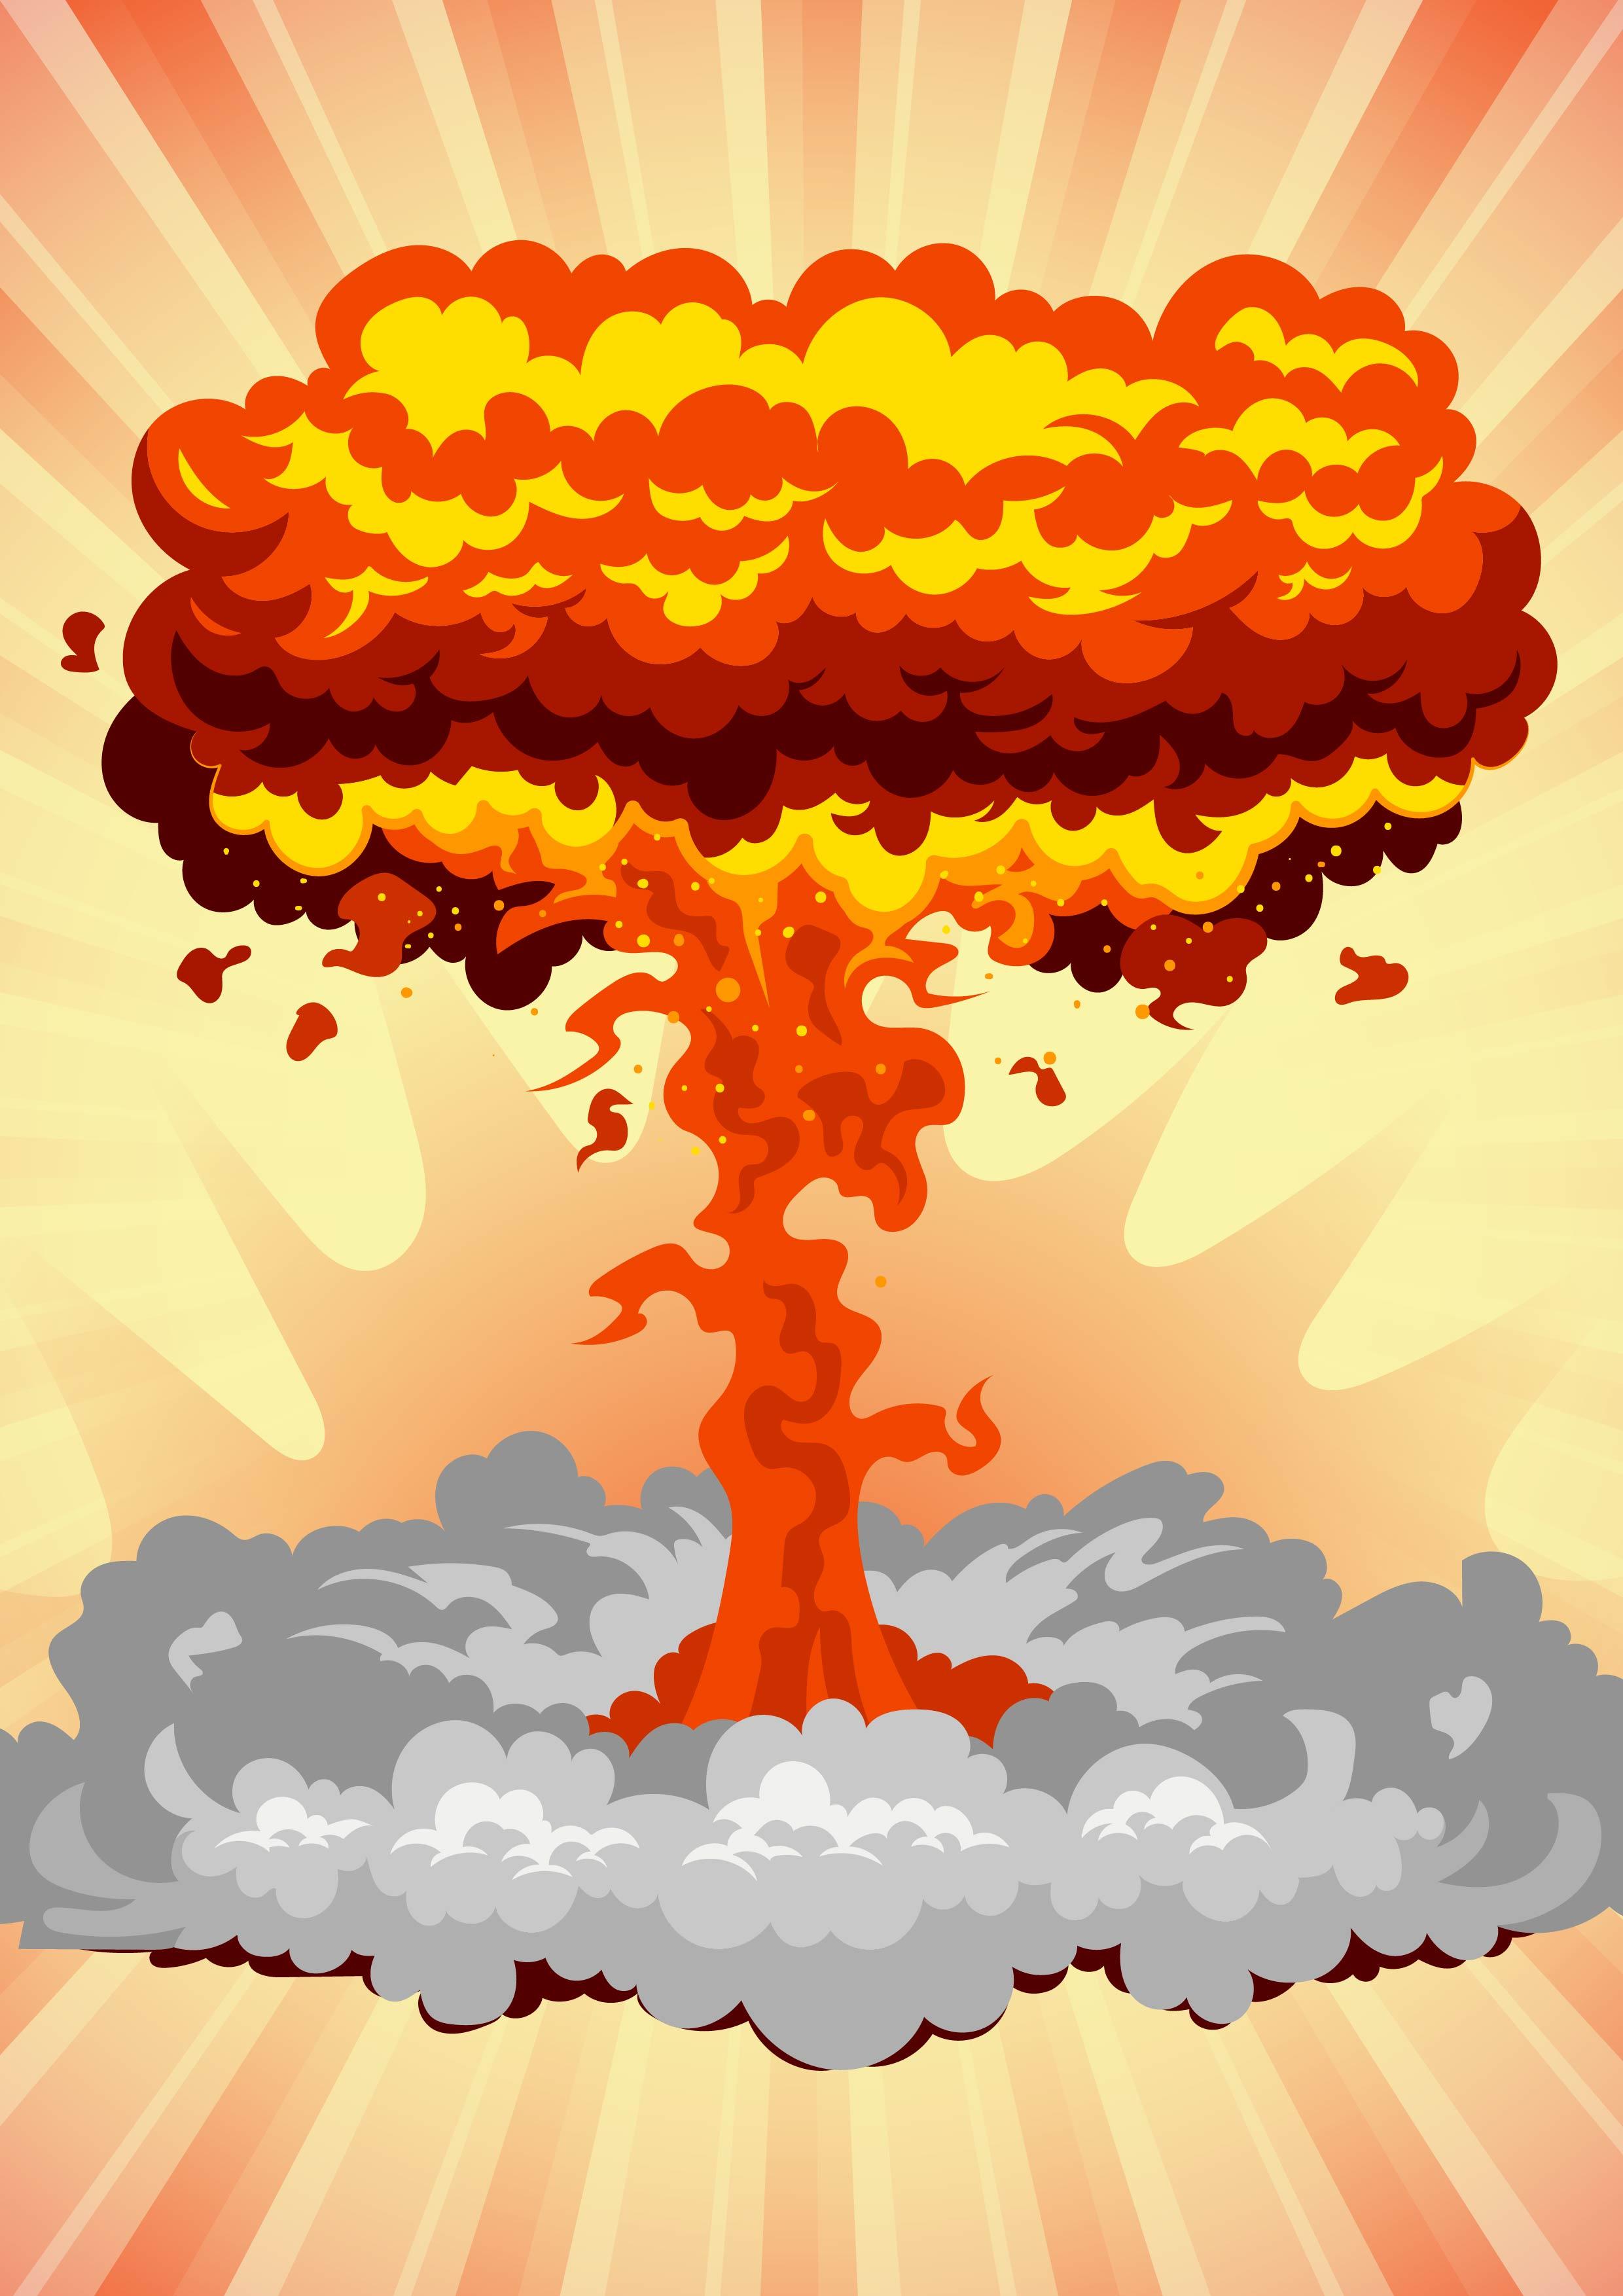 爆炸素材 免費下載 | 天天瘋後製